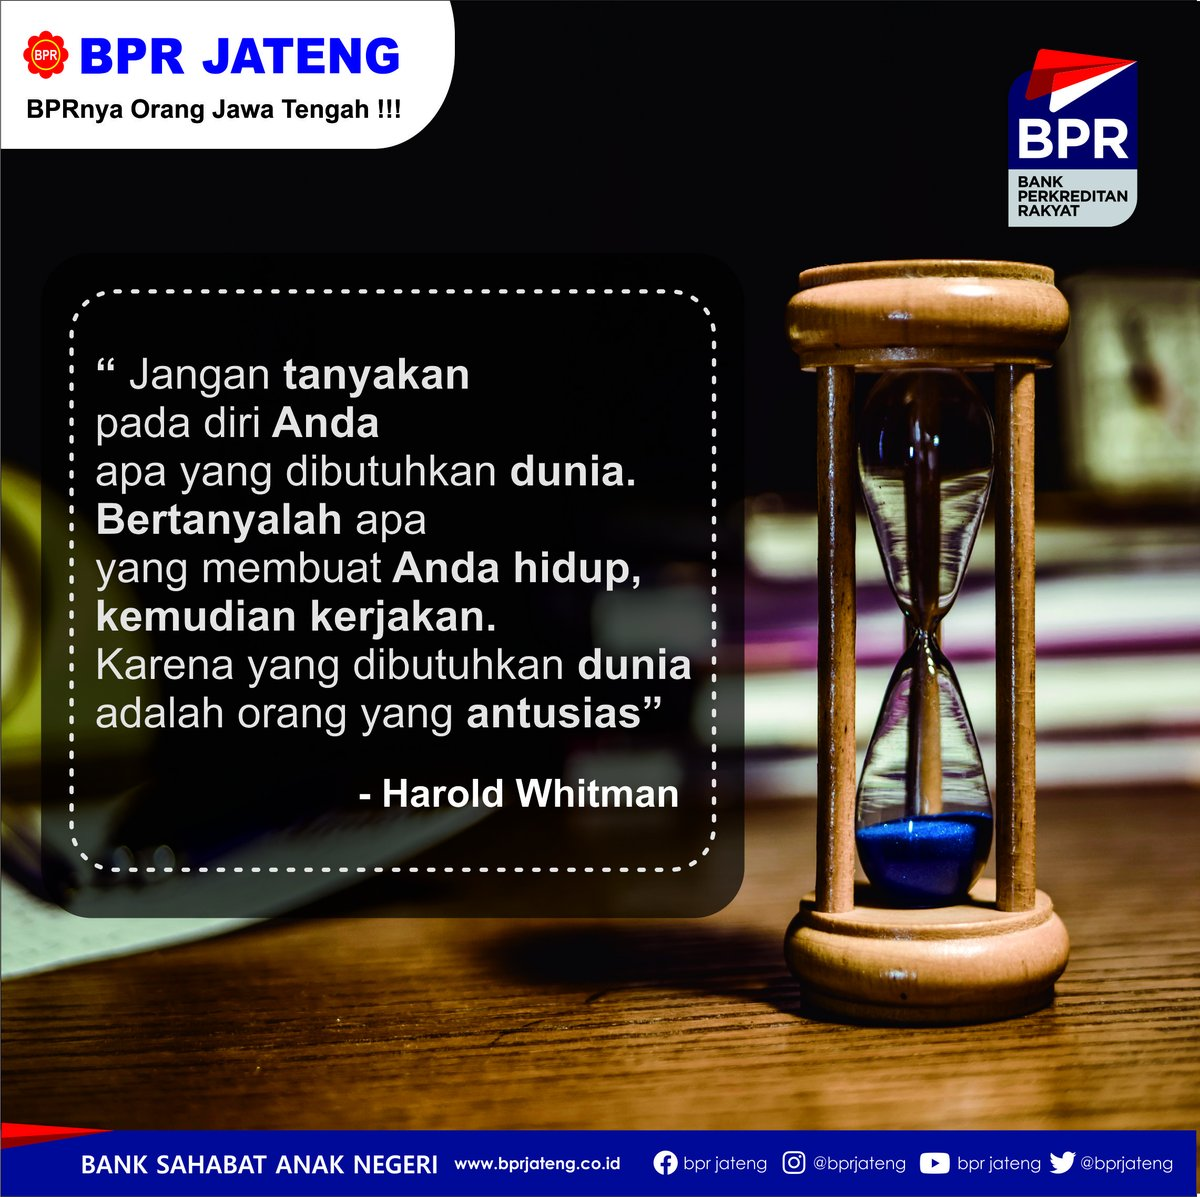 Selamat pagi dunia...   #motivasi #Quote #bprjateng #semarang #Hitssemarang #lokersmg #lokersemarang #Indonesia #KreditCepat #kreditmudah #Kreditmurah #Semangat #Kerjakeras #masadepan #finance #jatenggayeng #jateng #jawatengah #bank #bpr #bankperkreditanrakyat #jawapic.twitter.com/u4QHRaQMgq